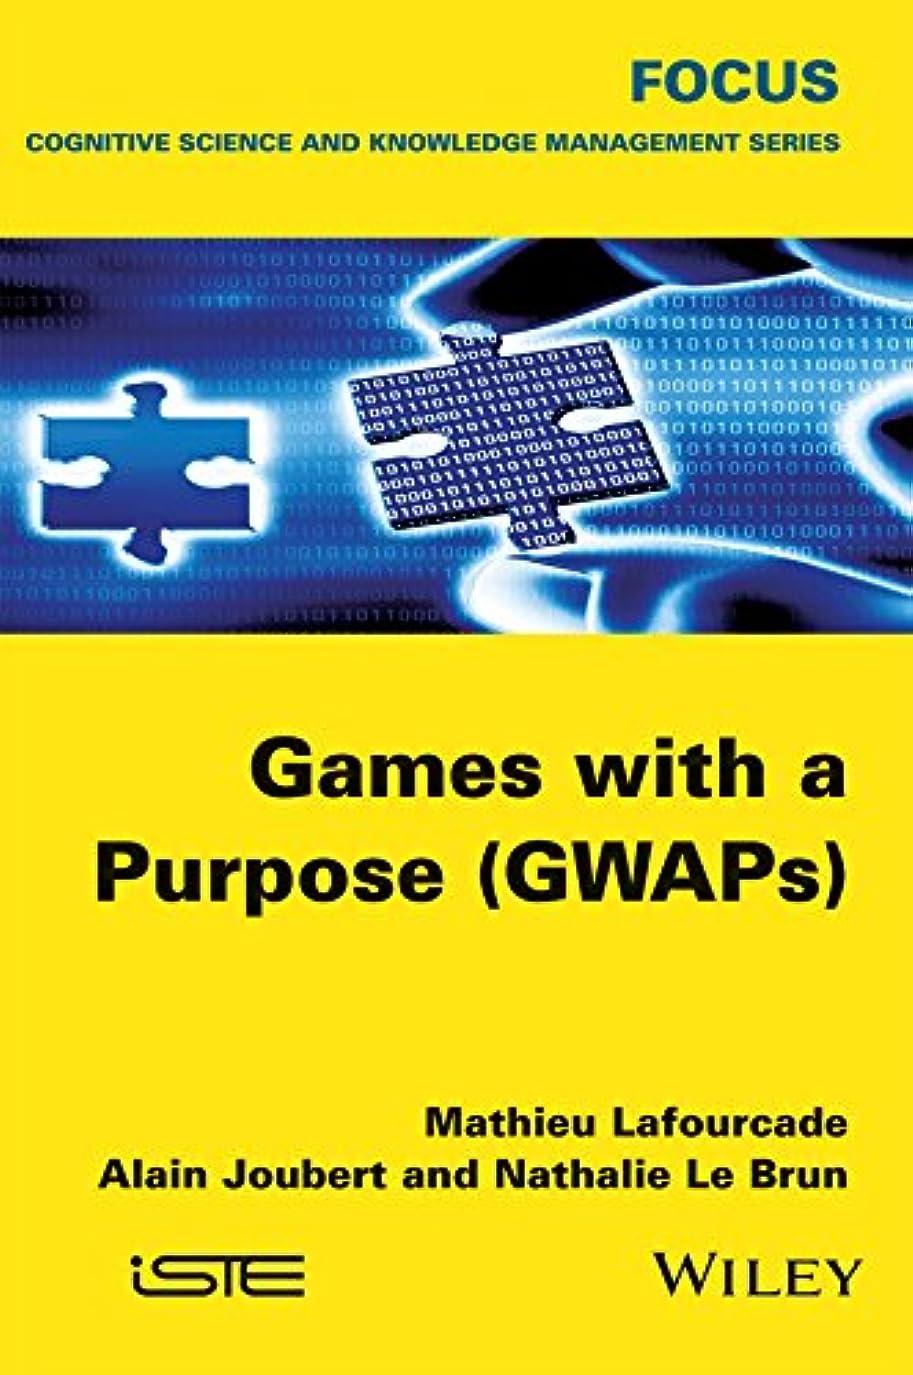 ノート召集する後退するGames with a Purpose (GWAPS) (Focus Series in Cognitive Science and Knowledge Management) (English Edition)